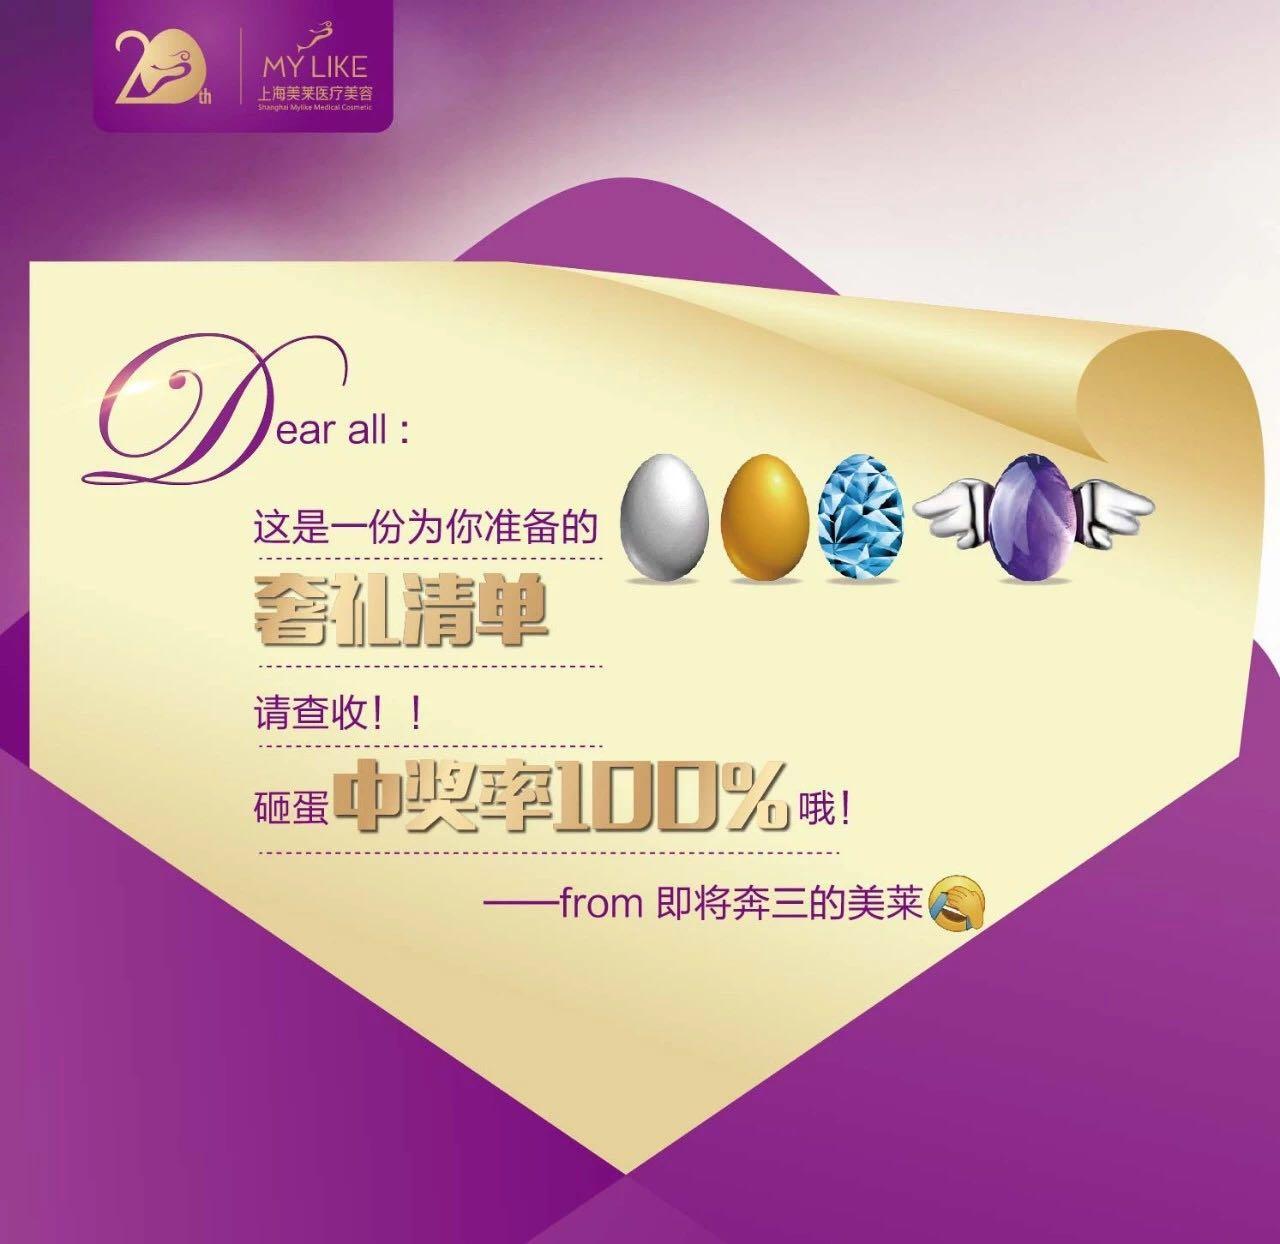 上海美莱周年庆来袭全部八折